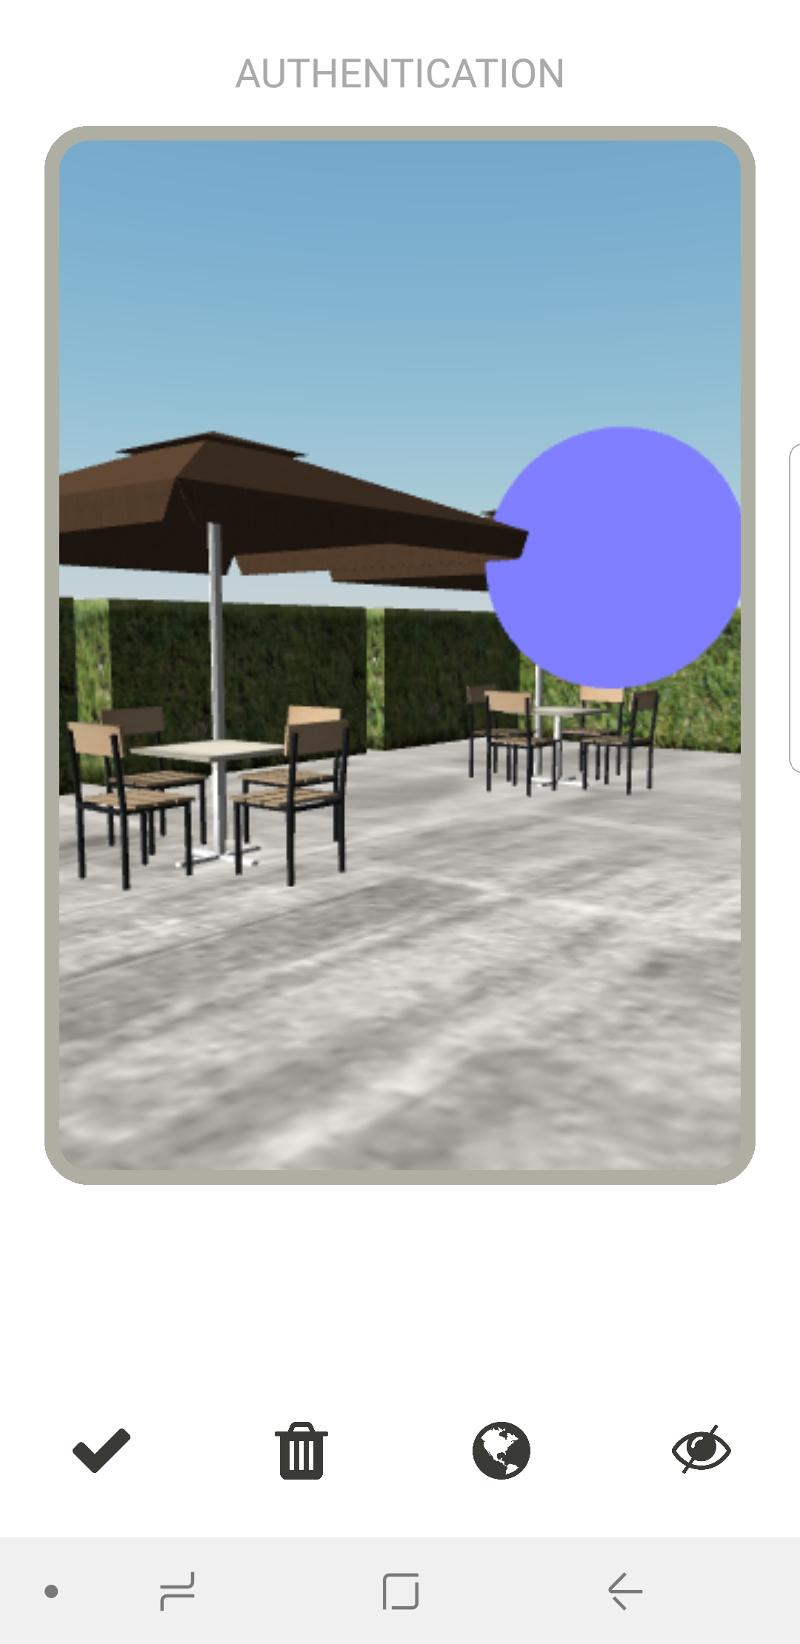 OneVisage propose une méthode d'authentification basée sur la construction d'un monde virtuel. © OneVisage